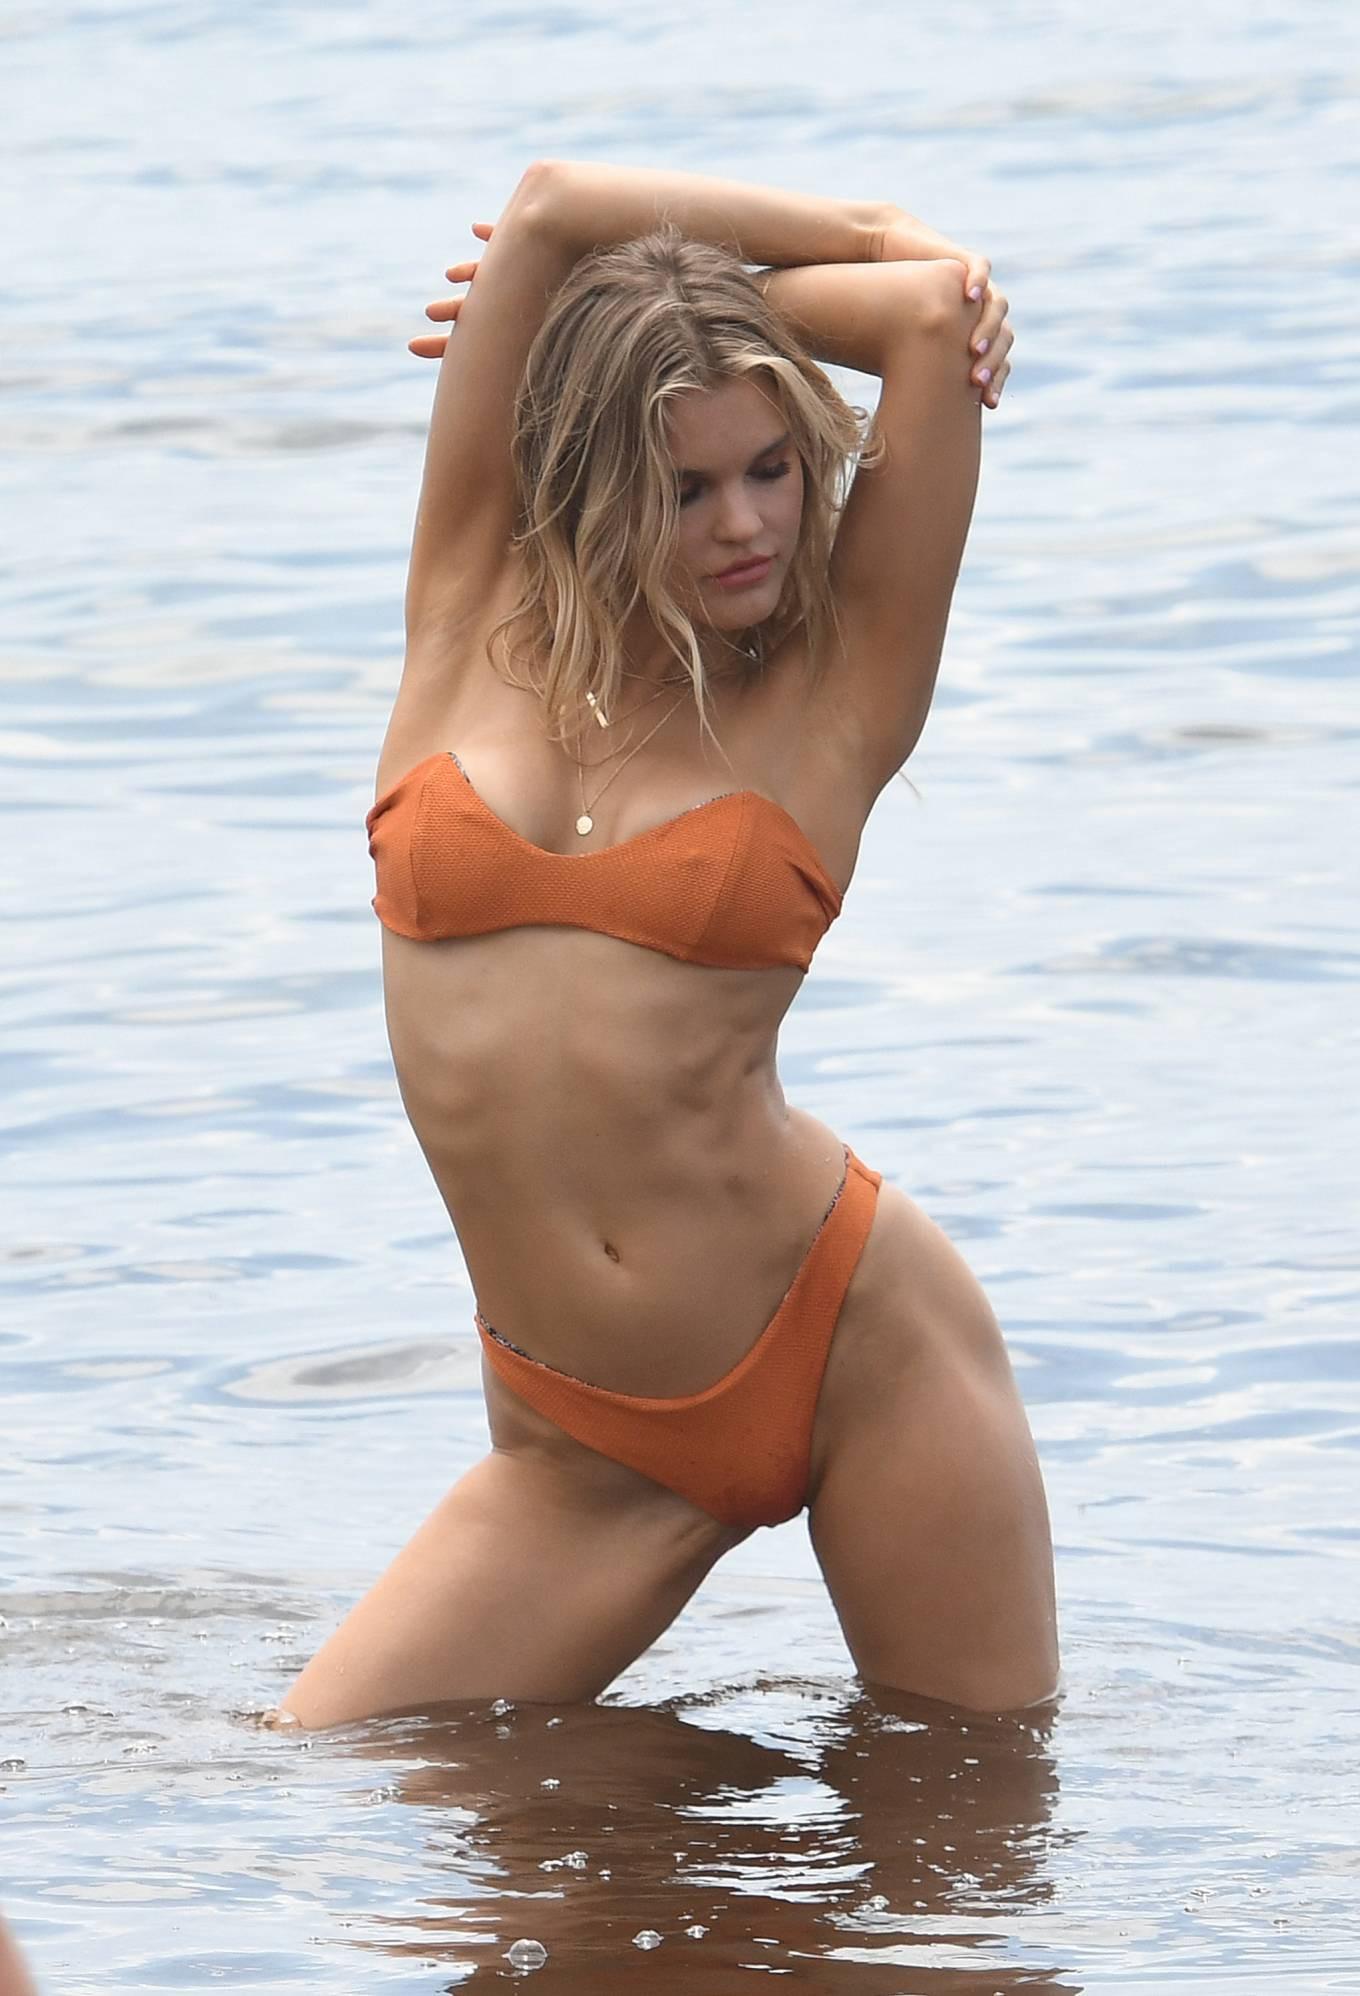 Hậu trường chụp bikini cực nóng bỏng của mẫu 9x Joy Corrigan Ảnh 12